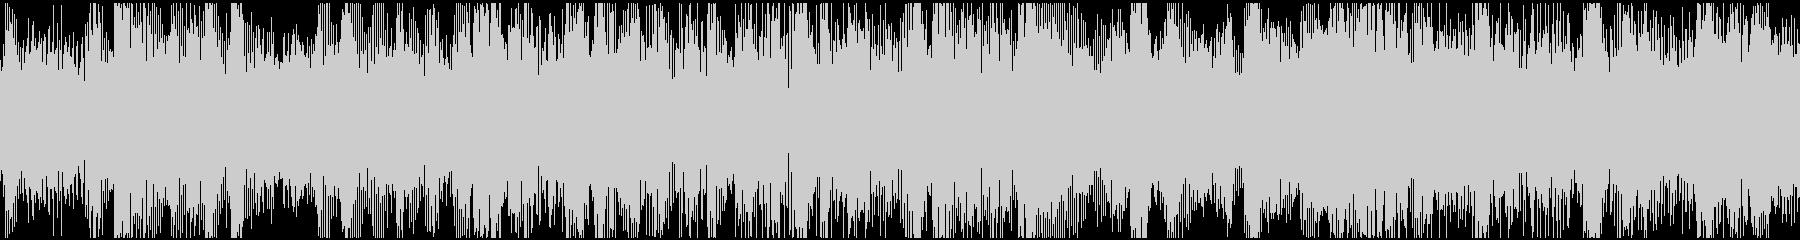 ループ:ドキドキ、わくわく、電子音の未再生の波形